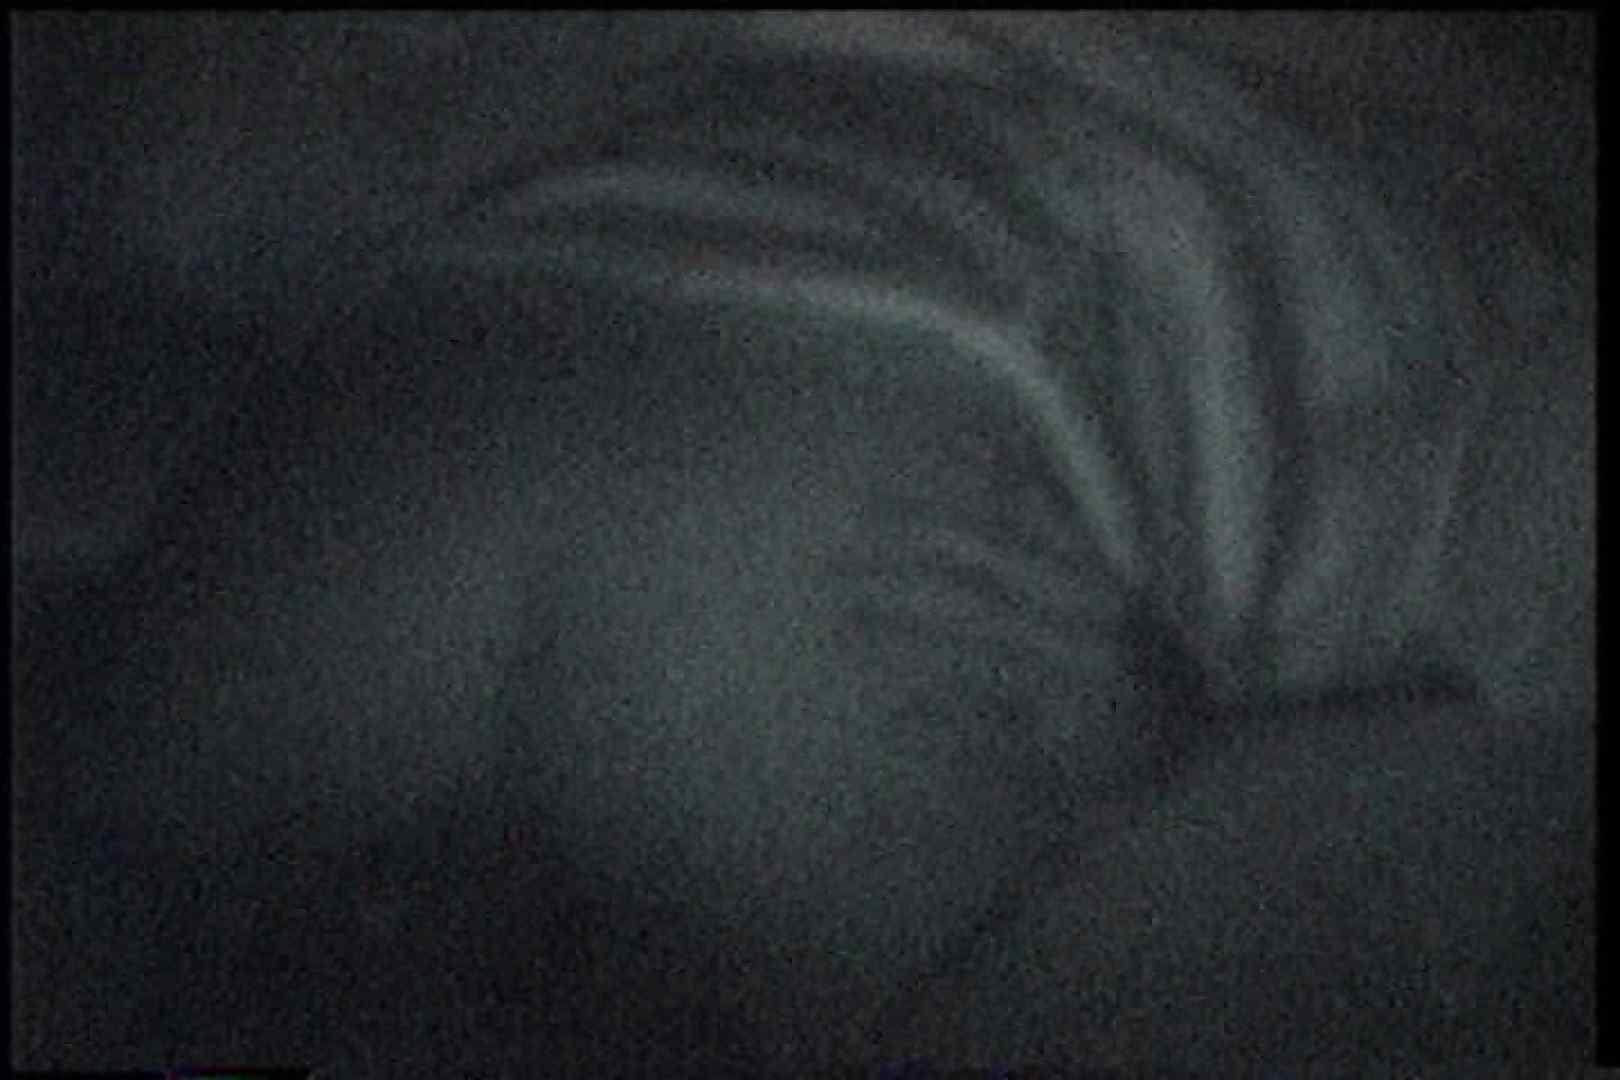 充血監督の深夜の運動会Vol.240 エロティックなOL | エッチなセックス  91画像 83